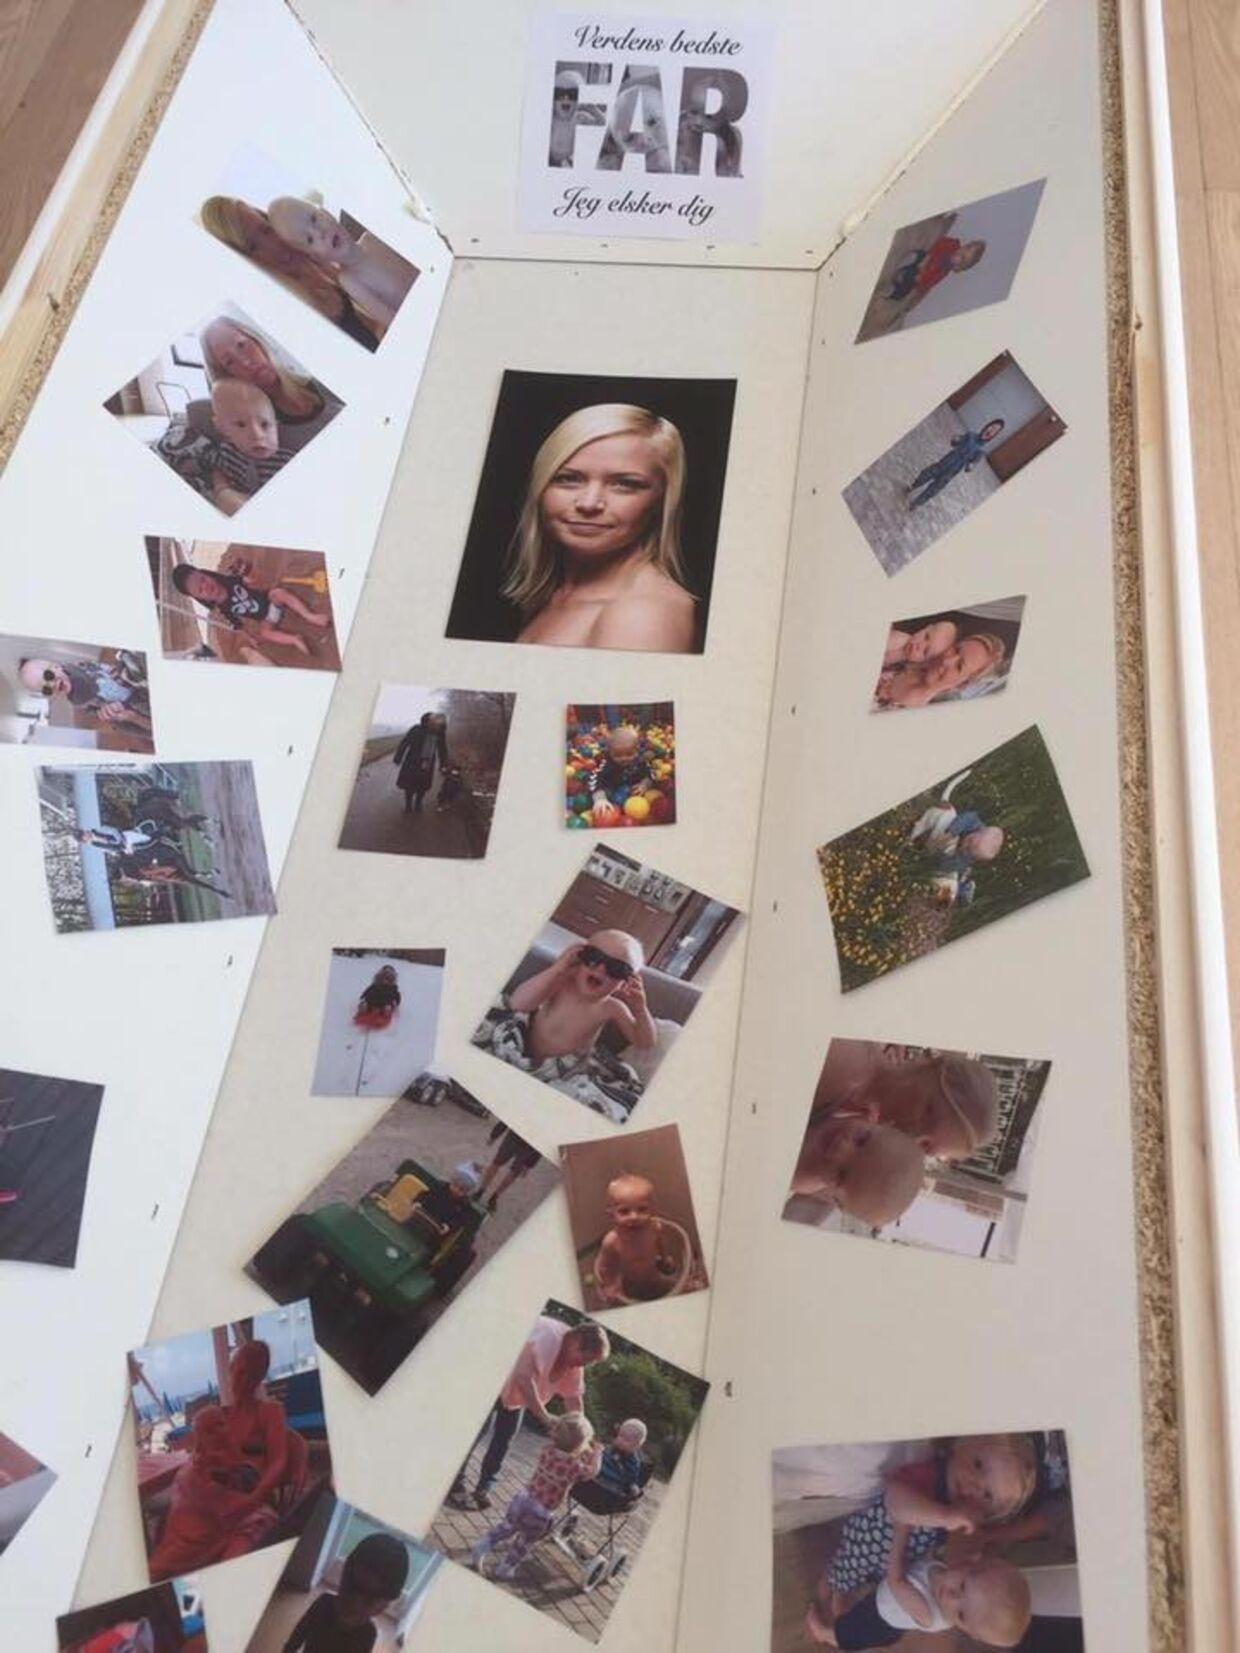 Fra bisættelsen af Morten Lehani Neergaard. Her ses kisten dekoreret med billeder af den lille familie.